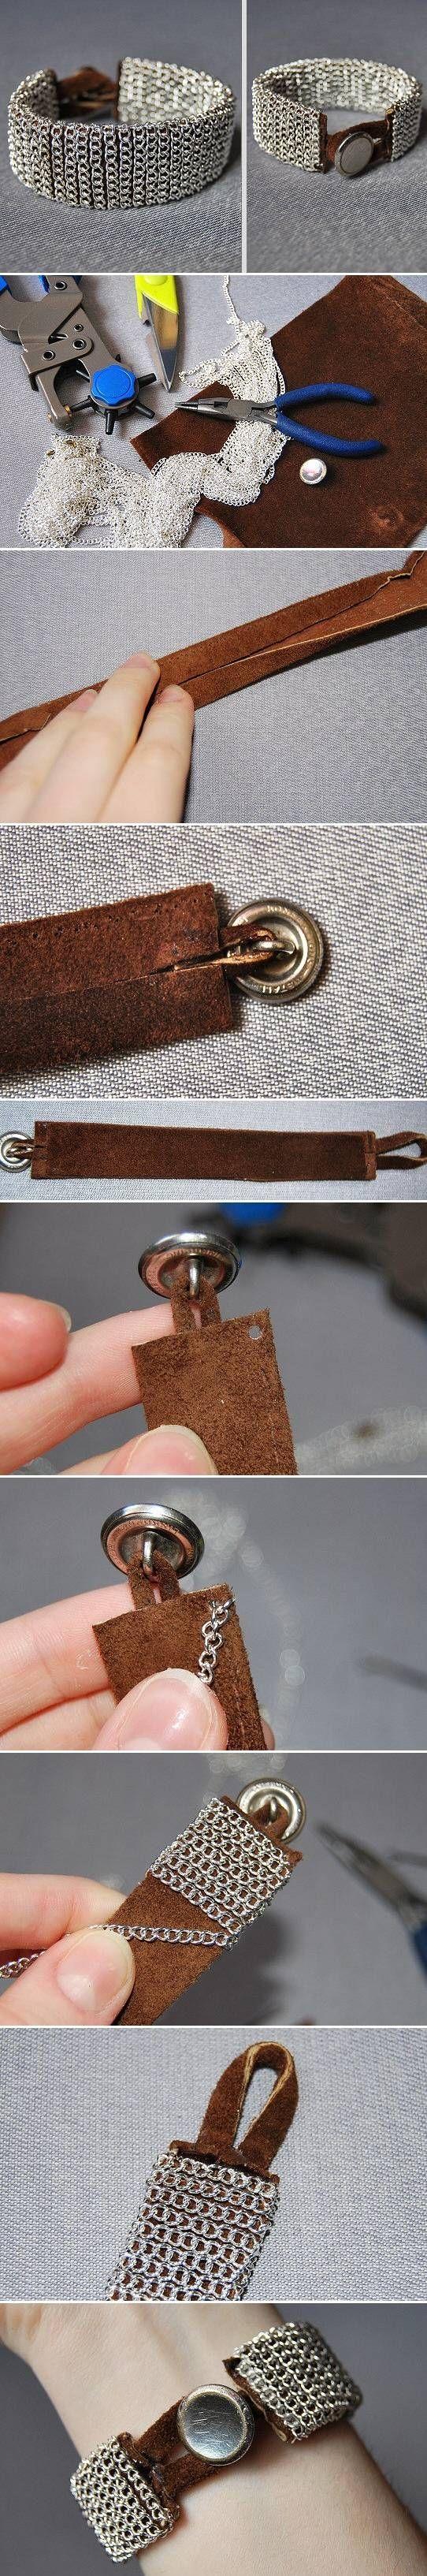 DIY Easy Chain Bracelet diy crafts craft ideas easy crafts diy ideas crafty easy diy diy jewelry diy bracelet craft bracelet diy fashion jewelry diy craft fashion